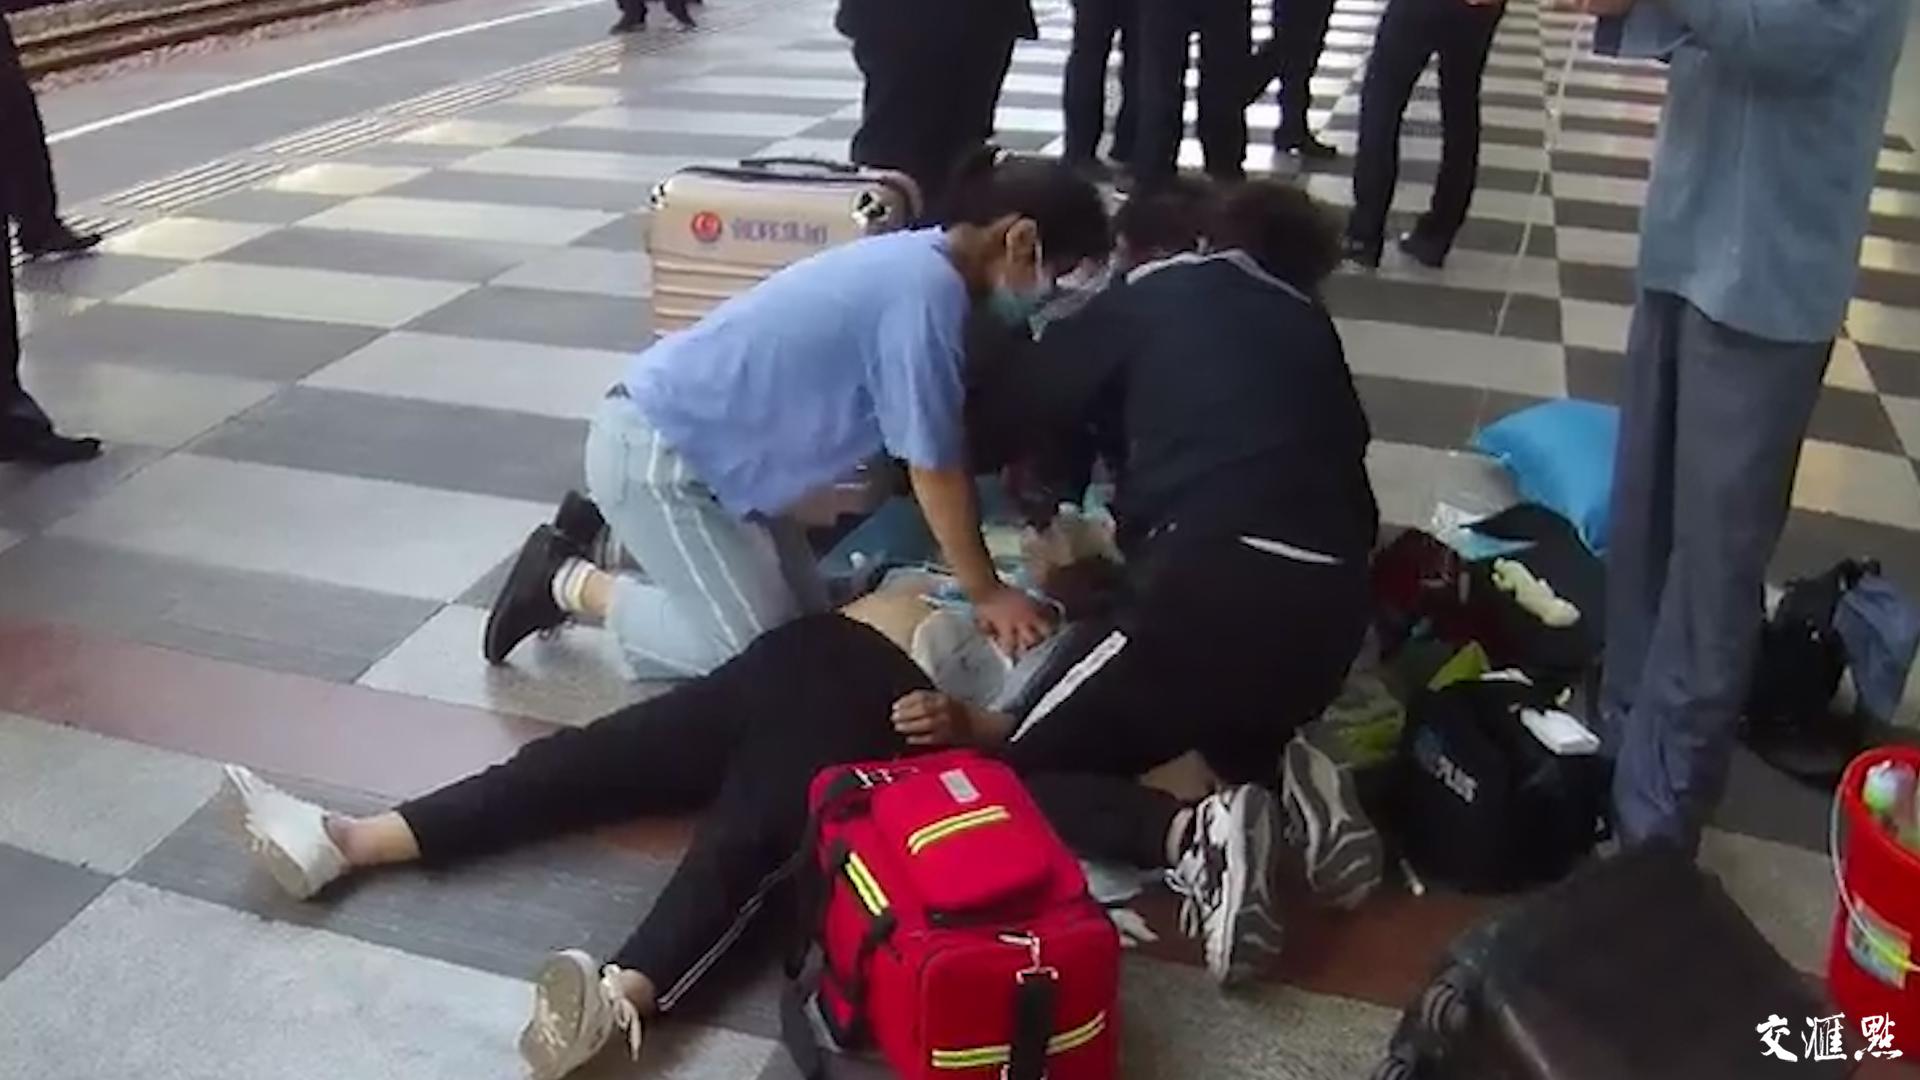 医学生跪地救人,对镜头说:别宣传我